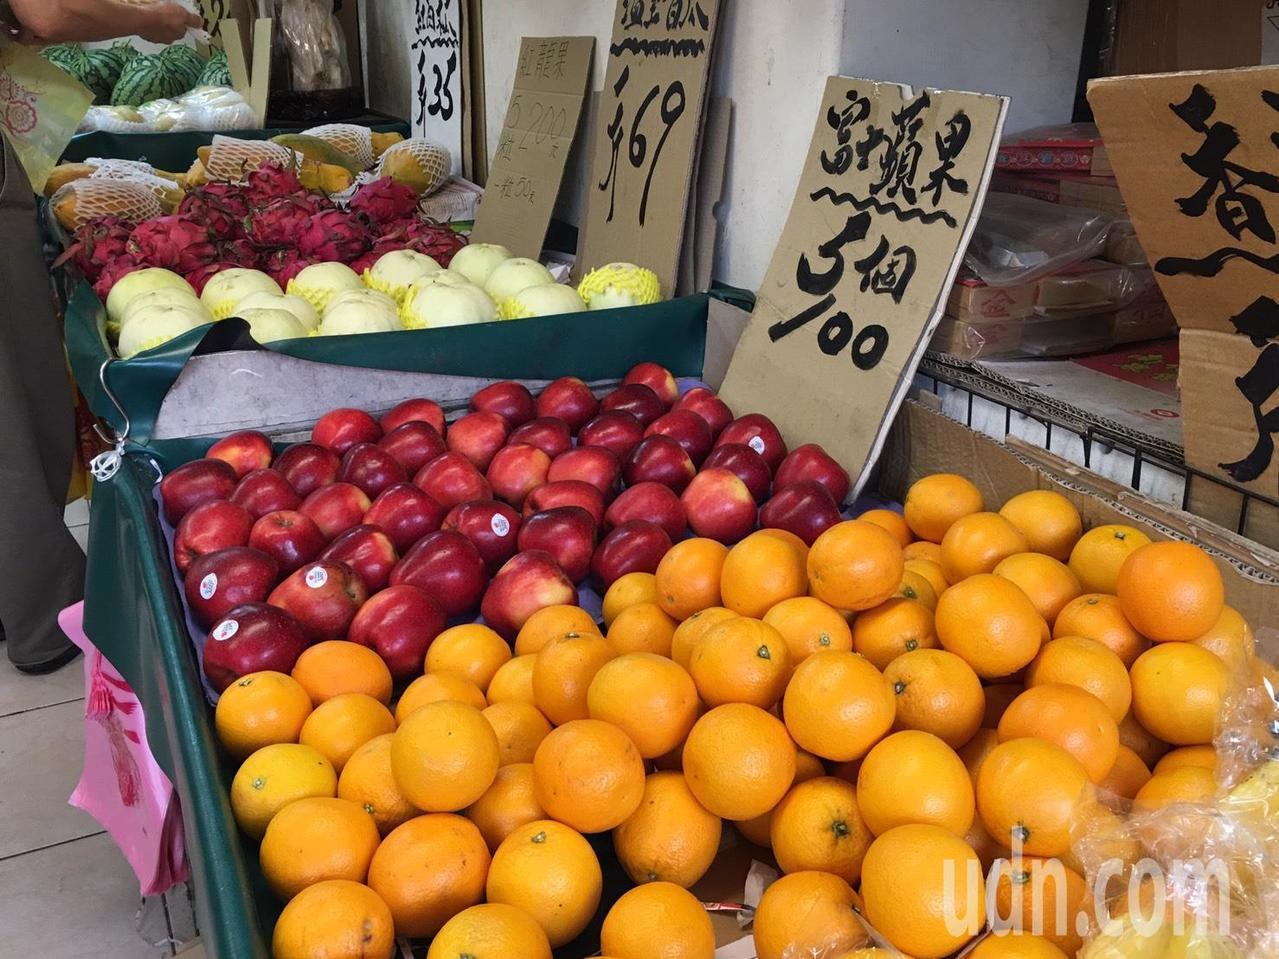 營養師林孟瑜表示,水果飯前飯後都可以吃,但水果有熱量,一餐水果的理想攝取量為一份...